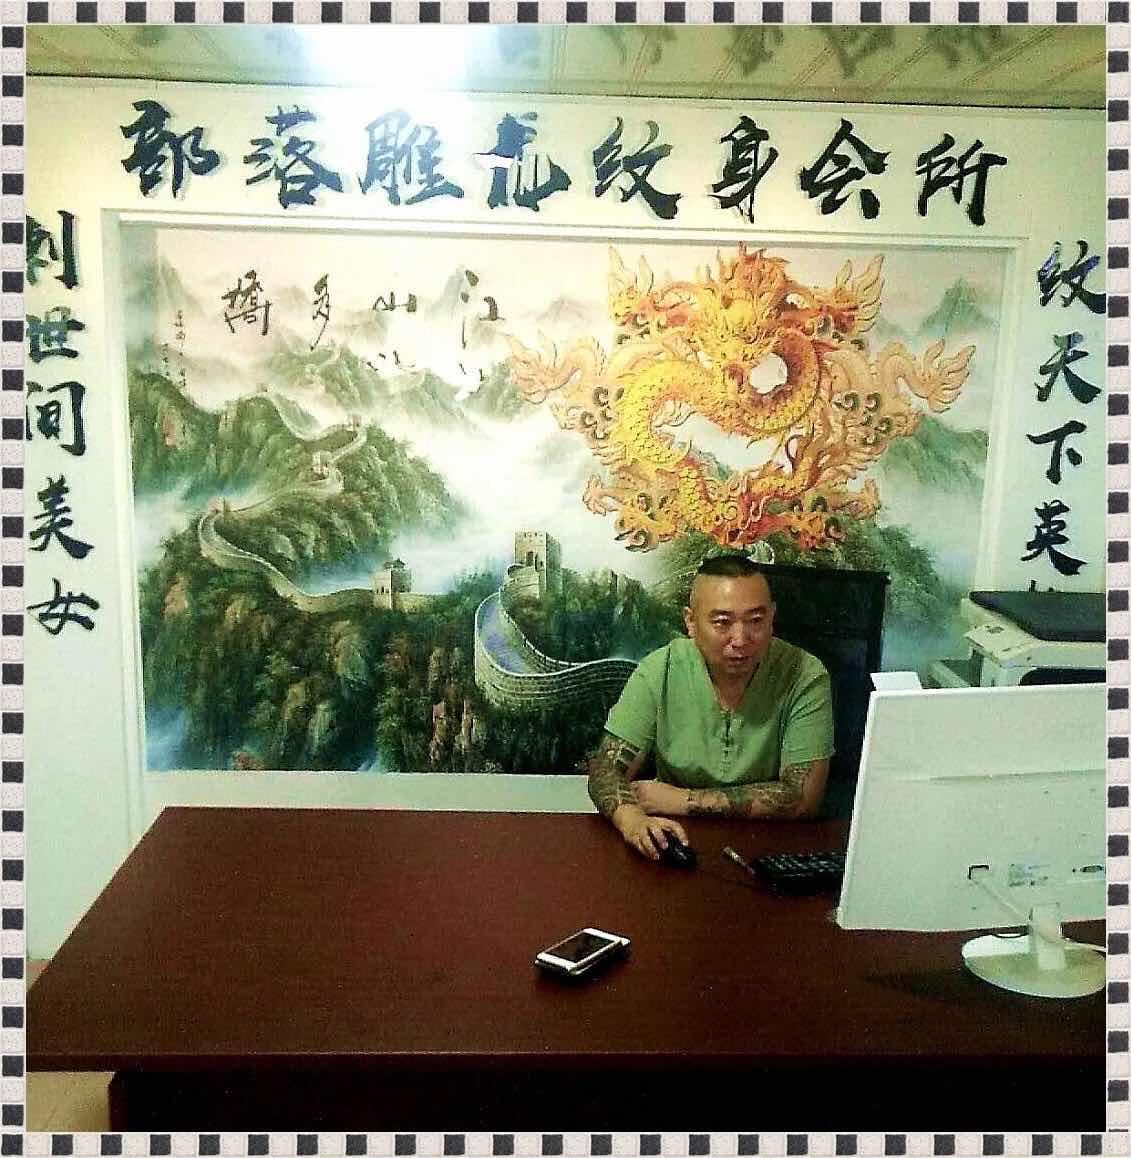 中国纹身大师来到柬埔寨了!